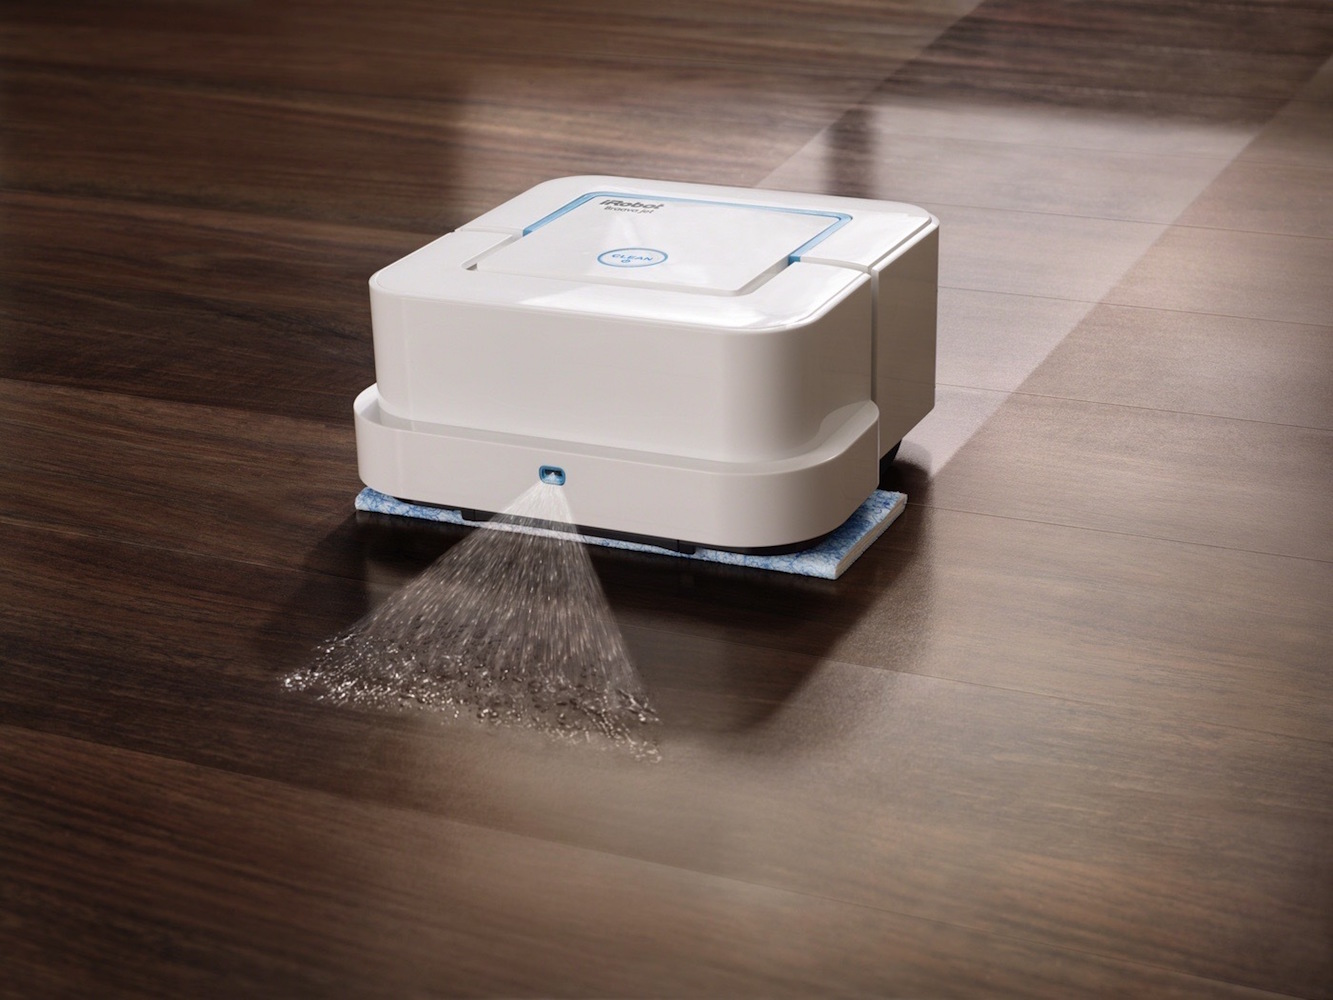 Braava Jet Robotic Mop By Irobot 187 Gadget Flow